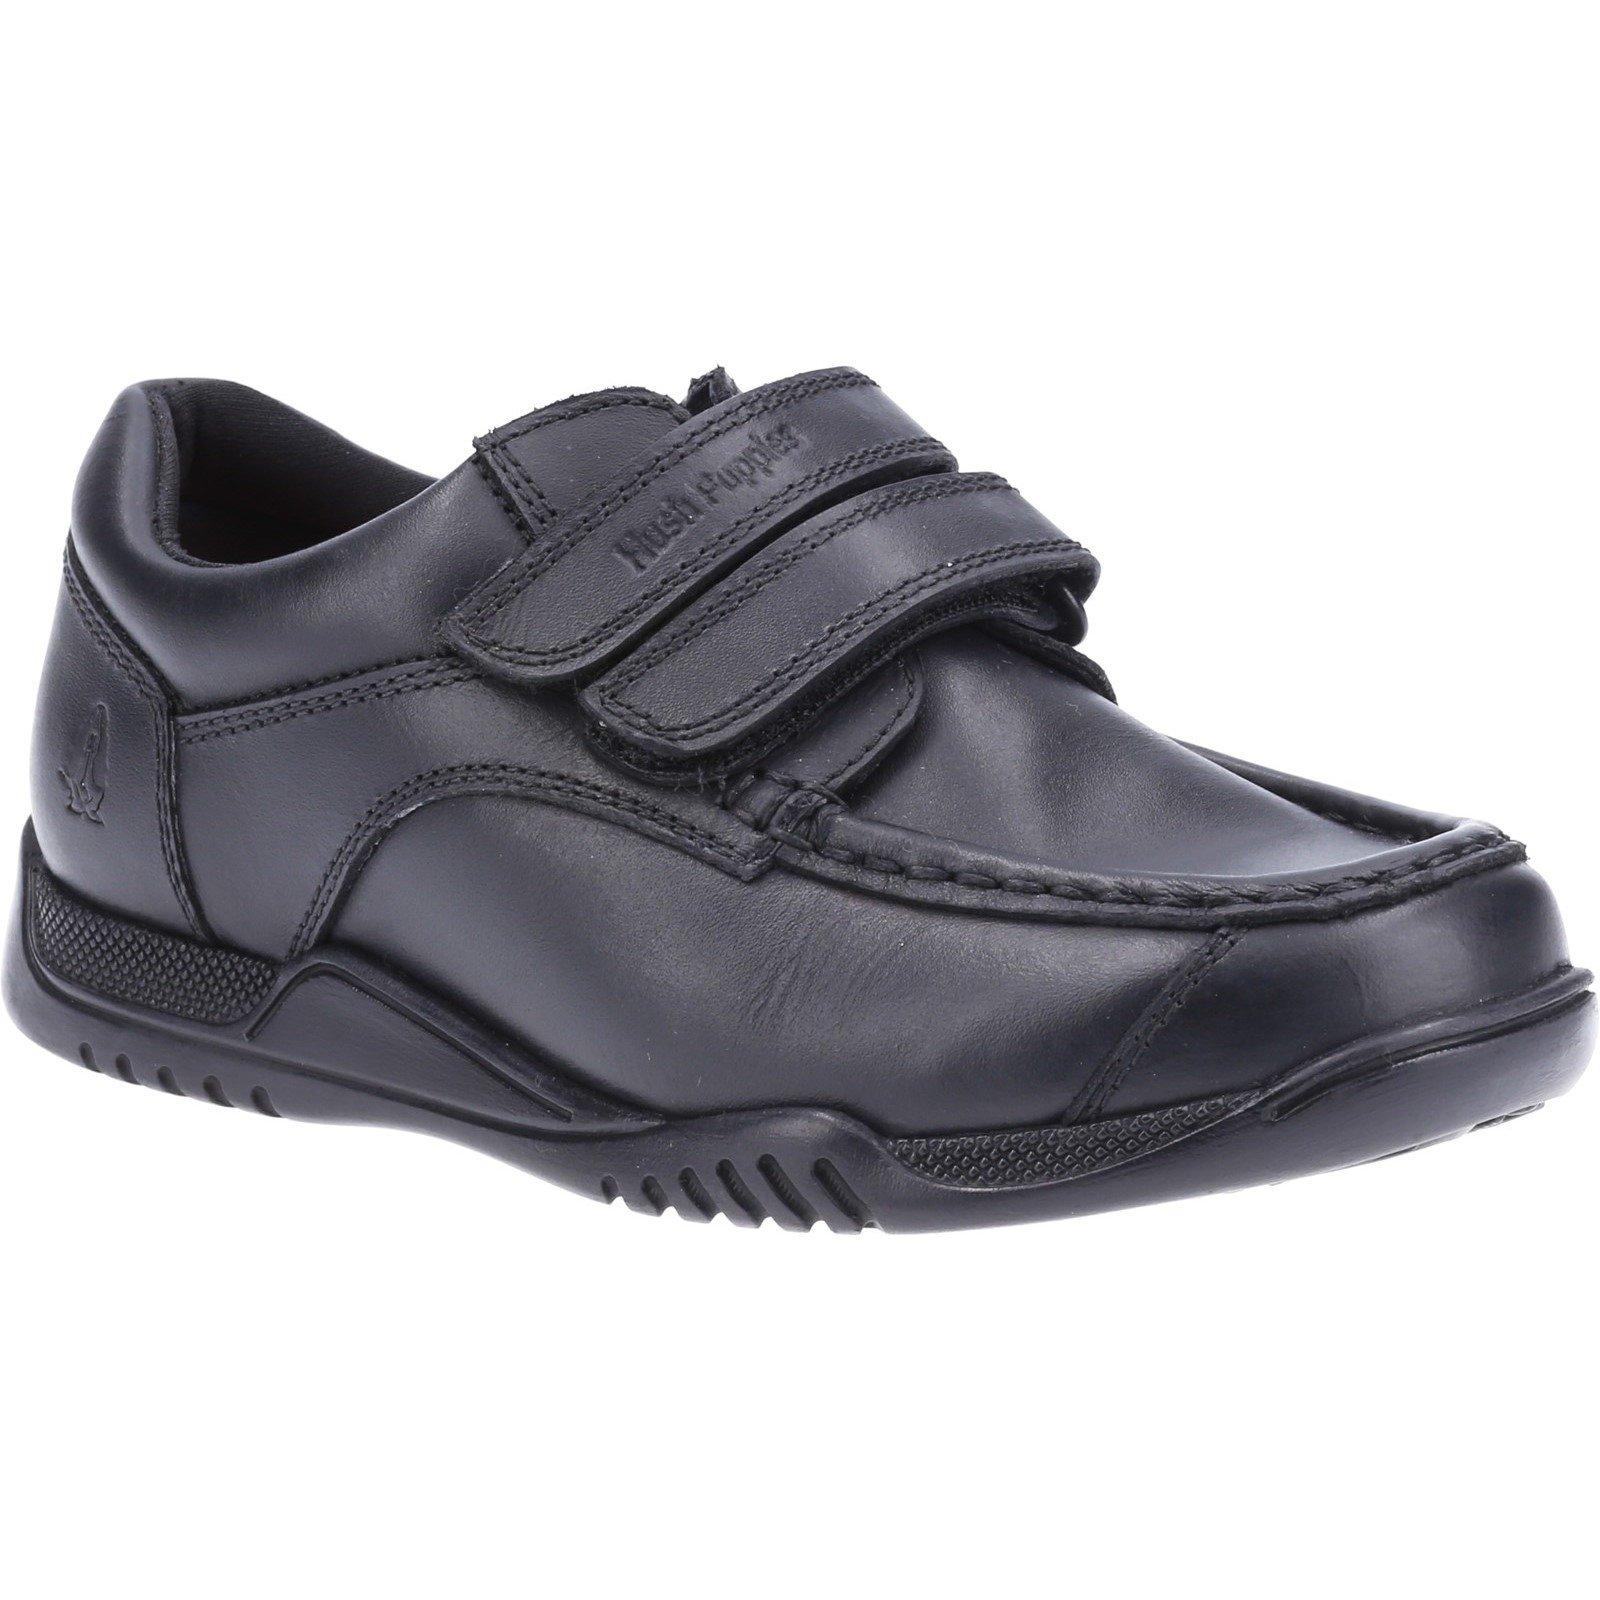 Hush Puppies Kid's Hayden Junior School Shoe Black 32584 - Black 11